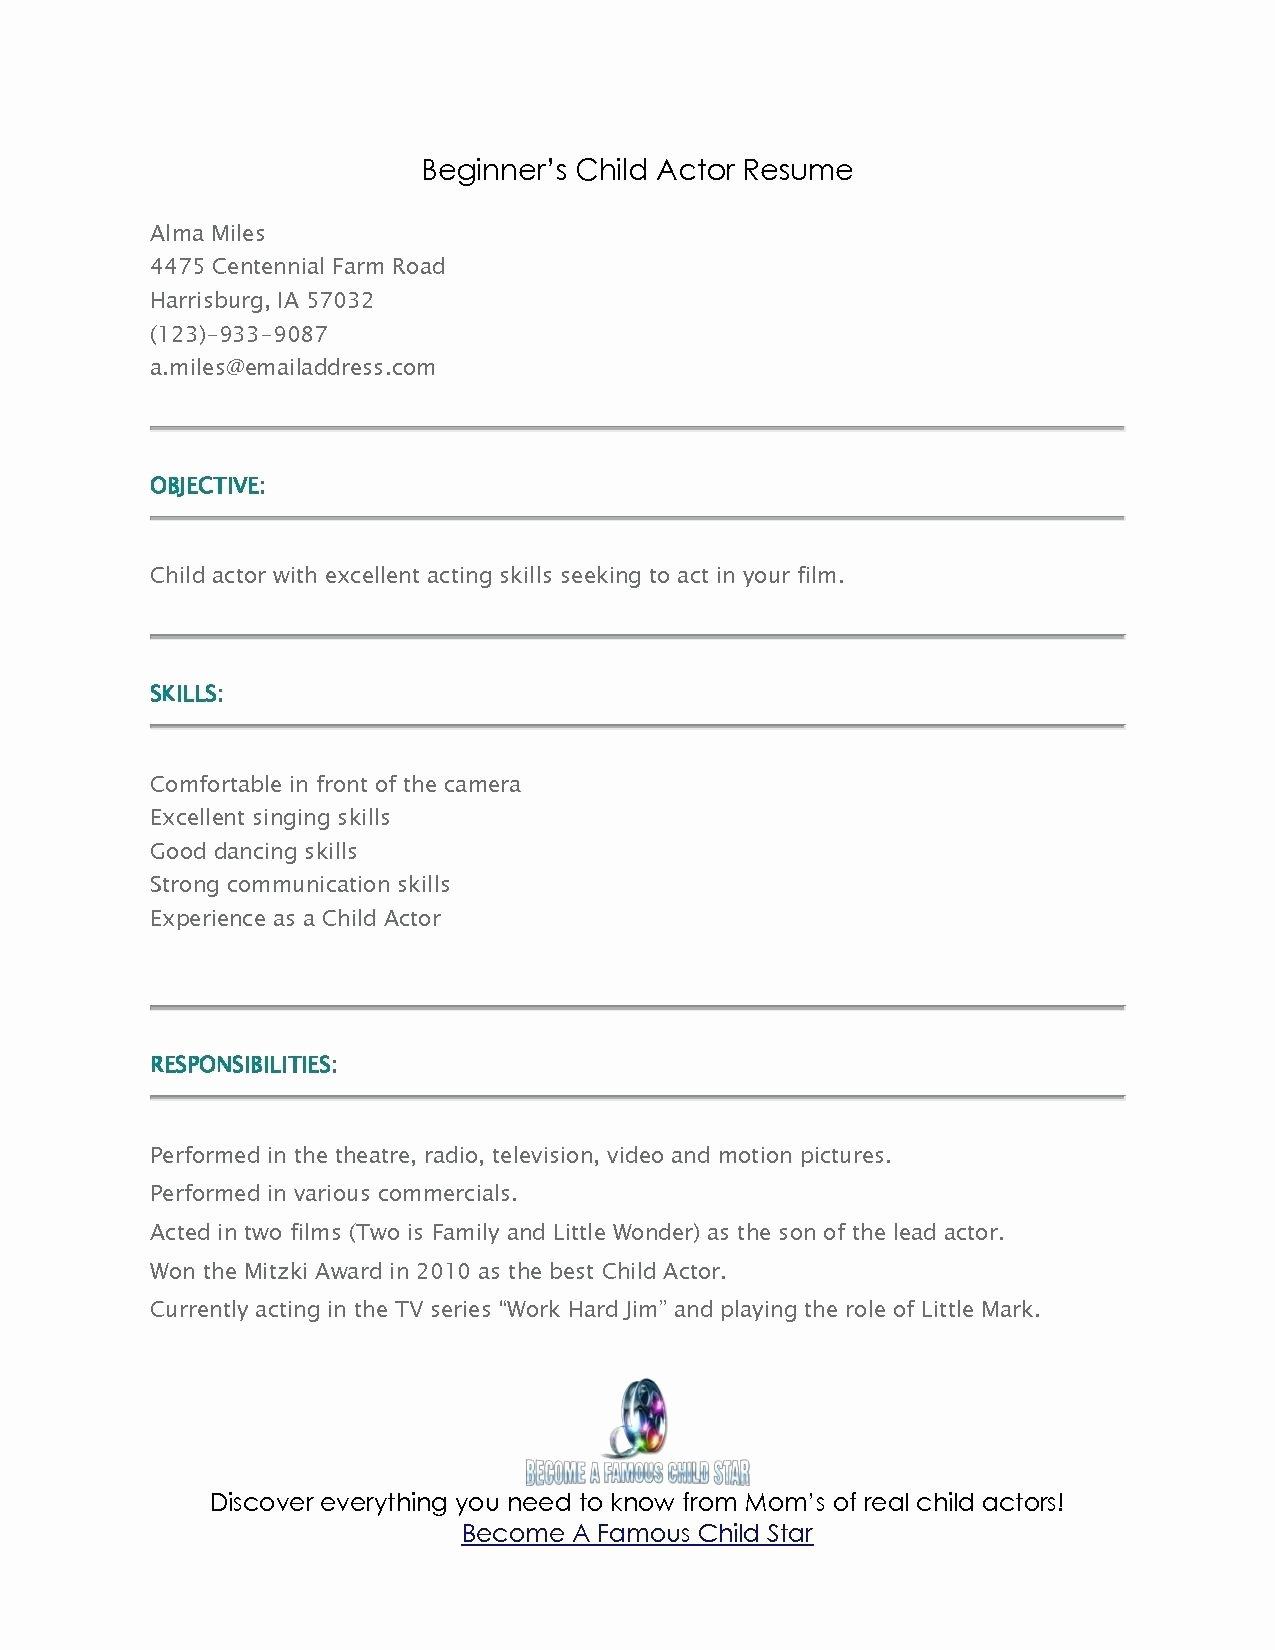 Child Actor Resume Template Fresh Resume Beginner Resume